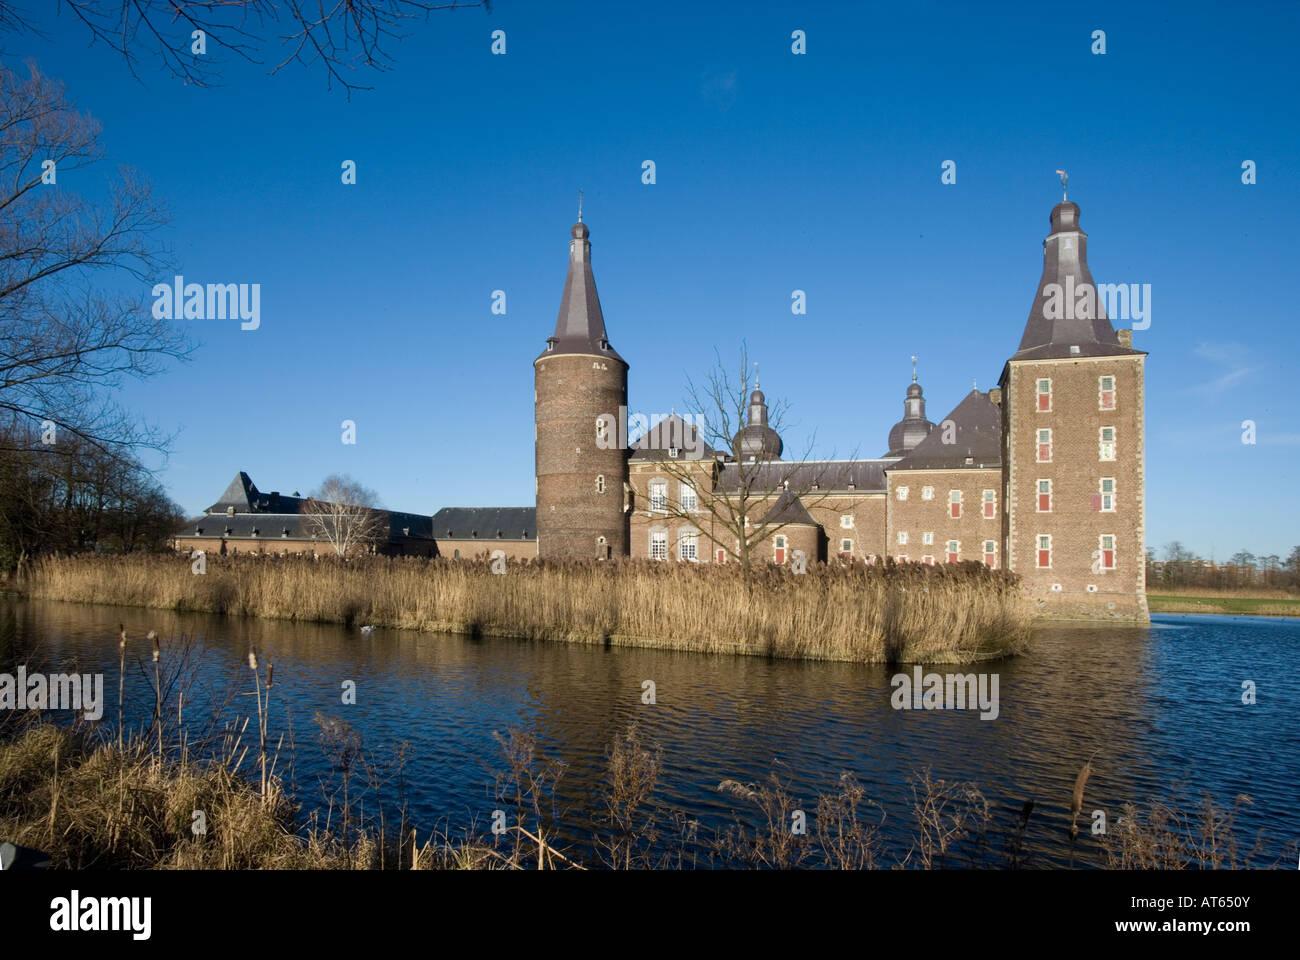 Schloss Hoensbroek in Heerlen Niederlande - Stock Image